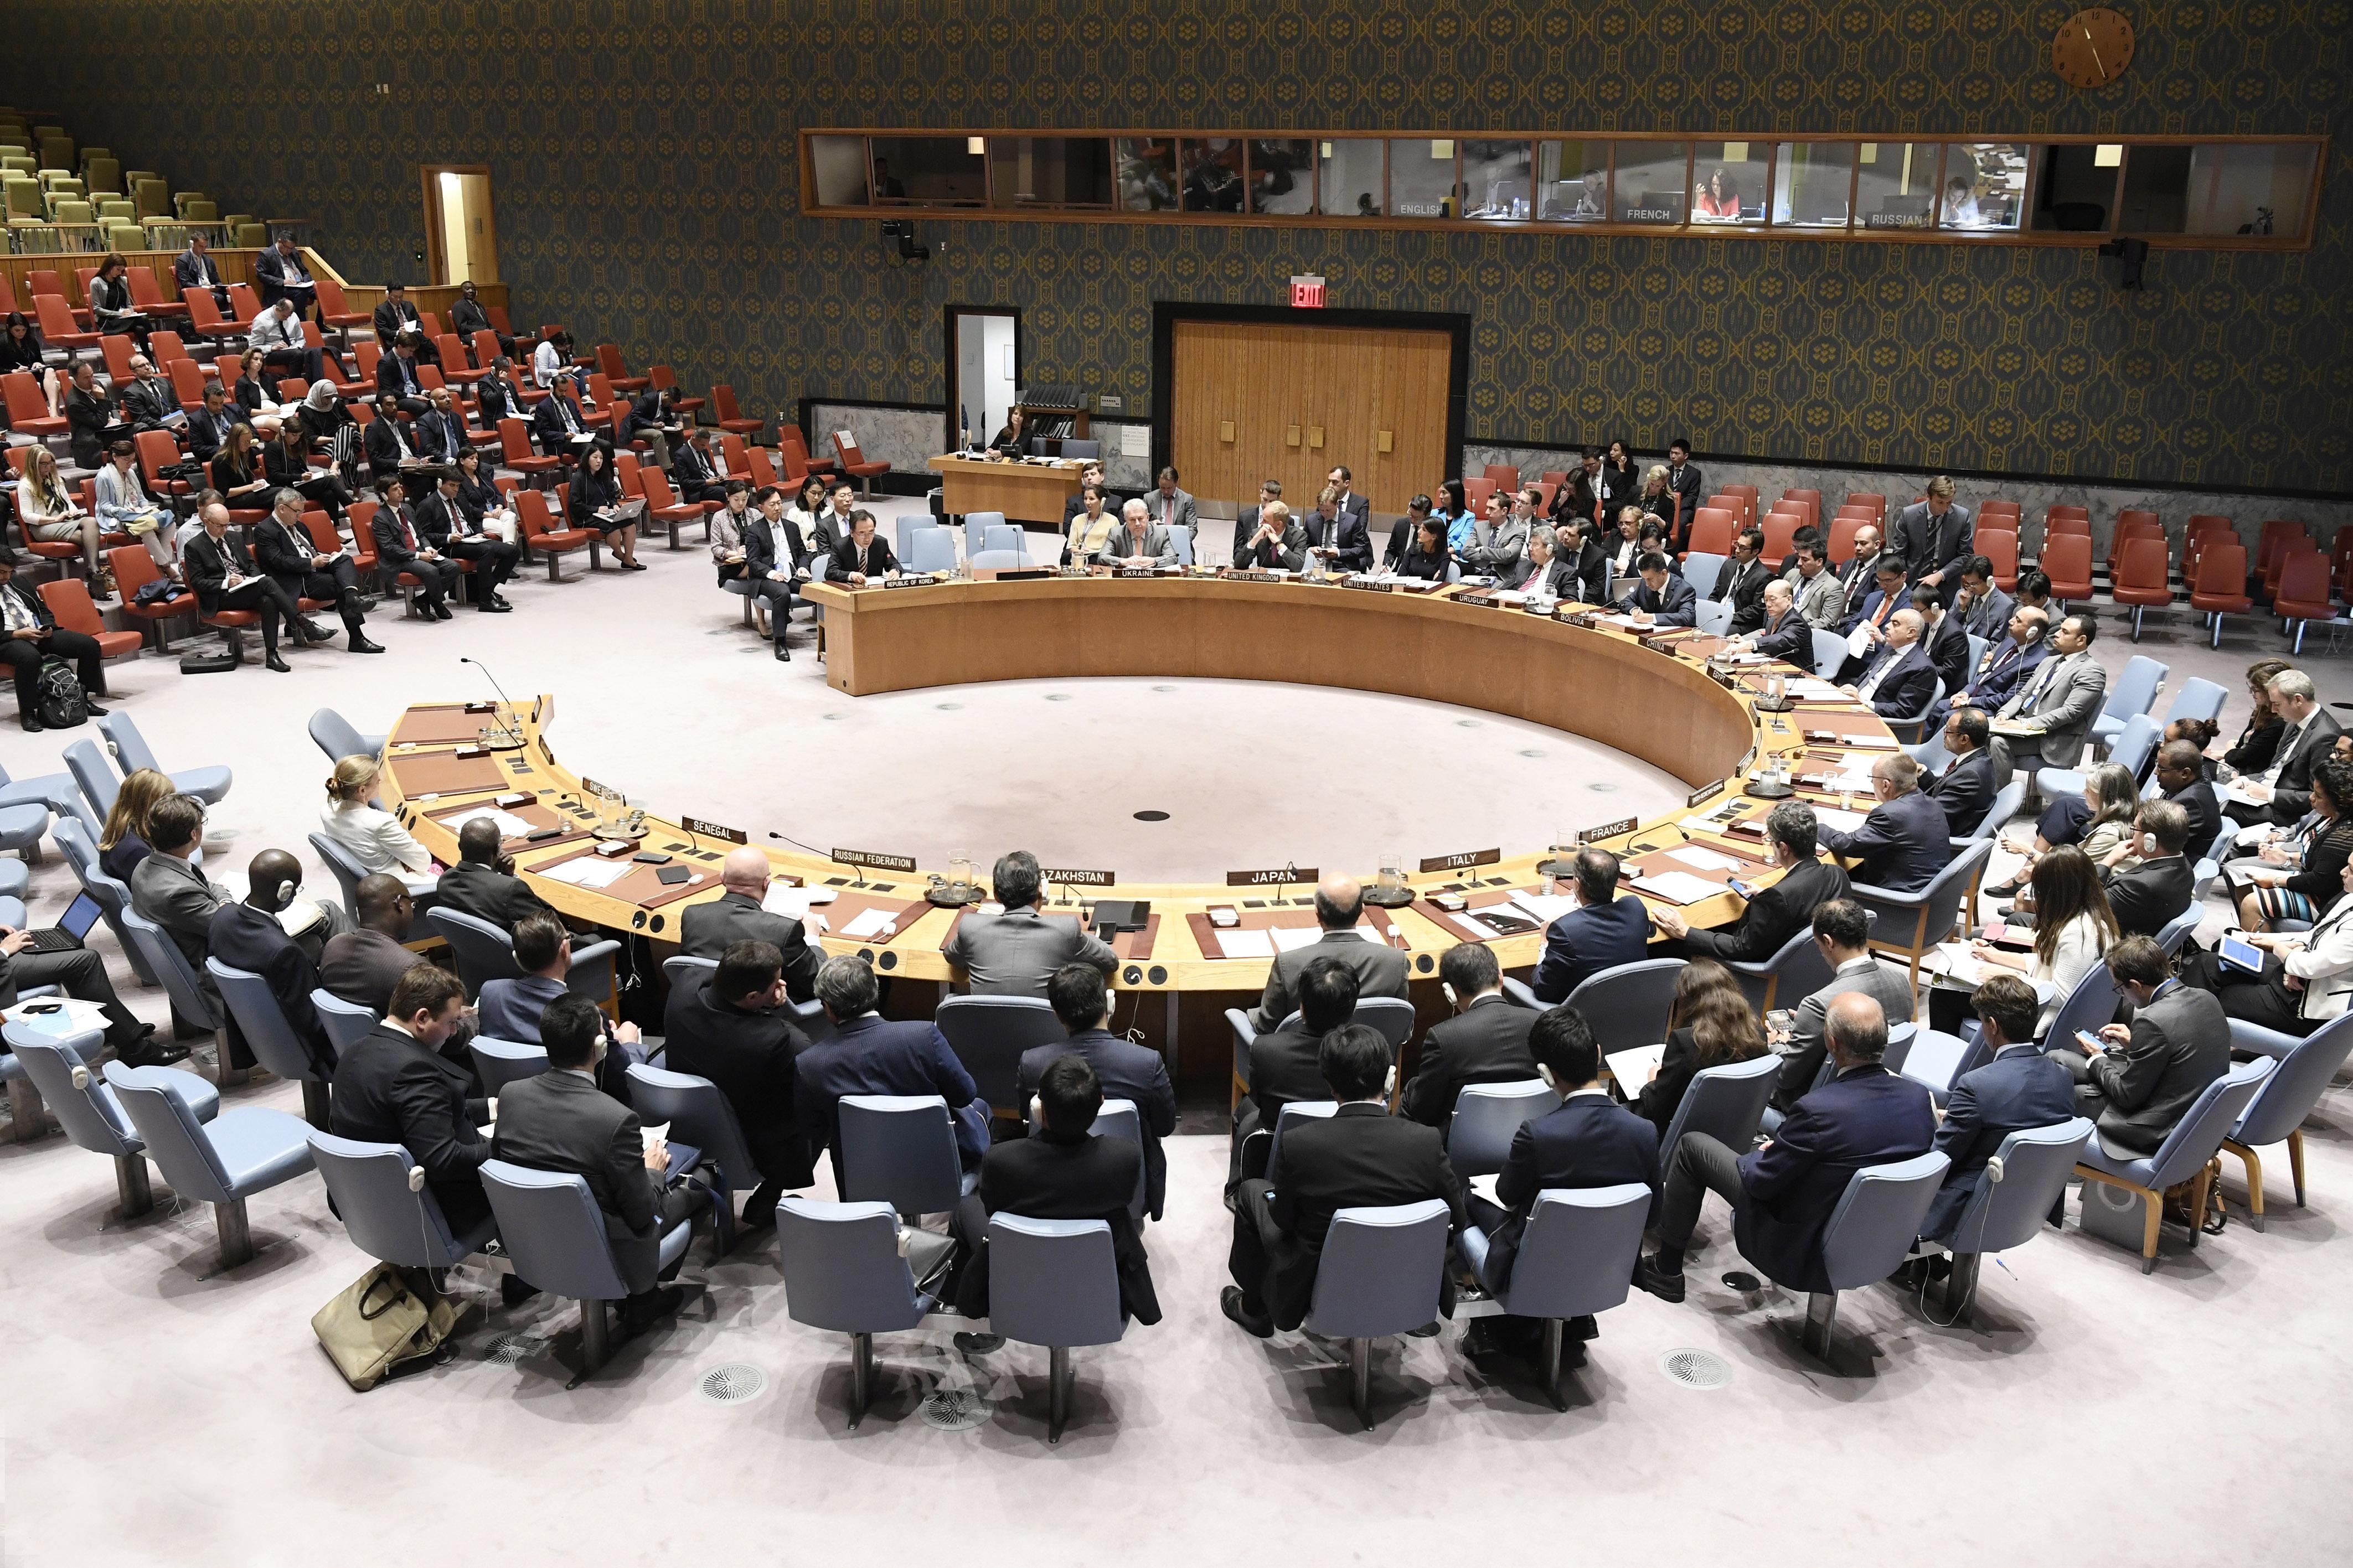 Adunarea Generală a ONU se reuneşte miercuri, în regim de urgenţă, pentru a vota rezoluţia privind Ierusalimul